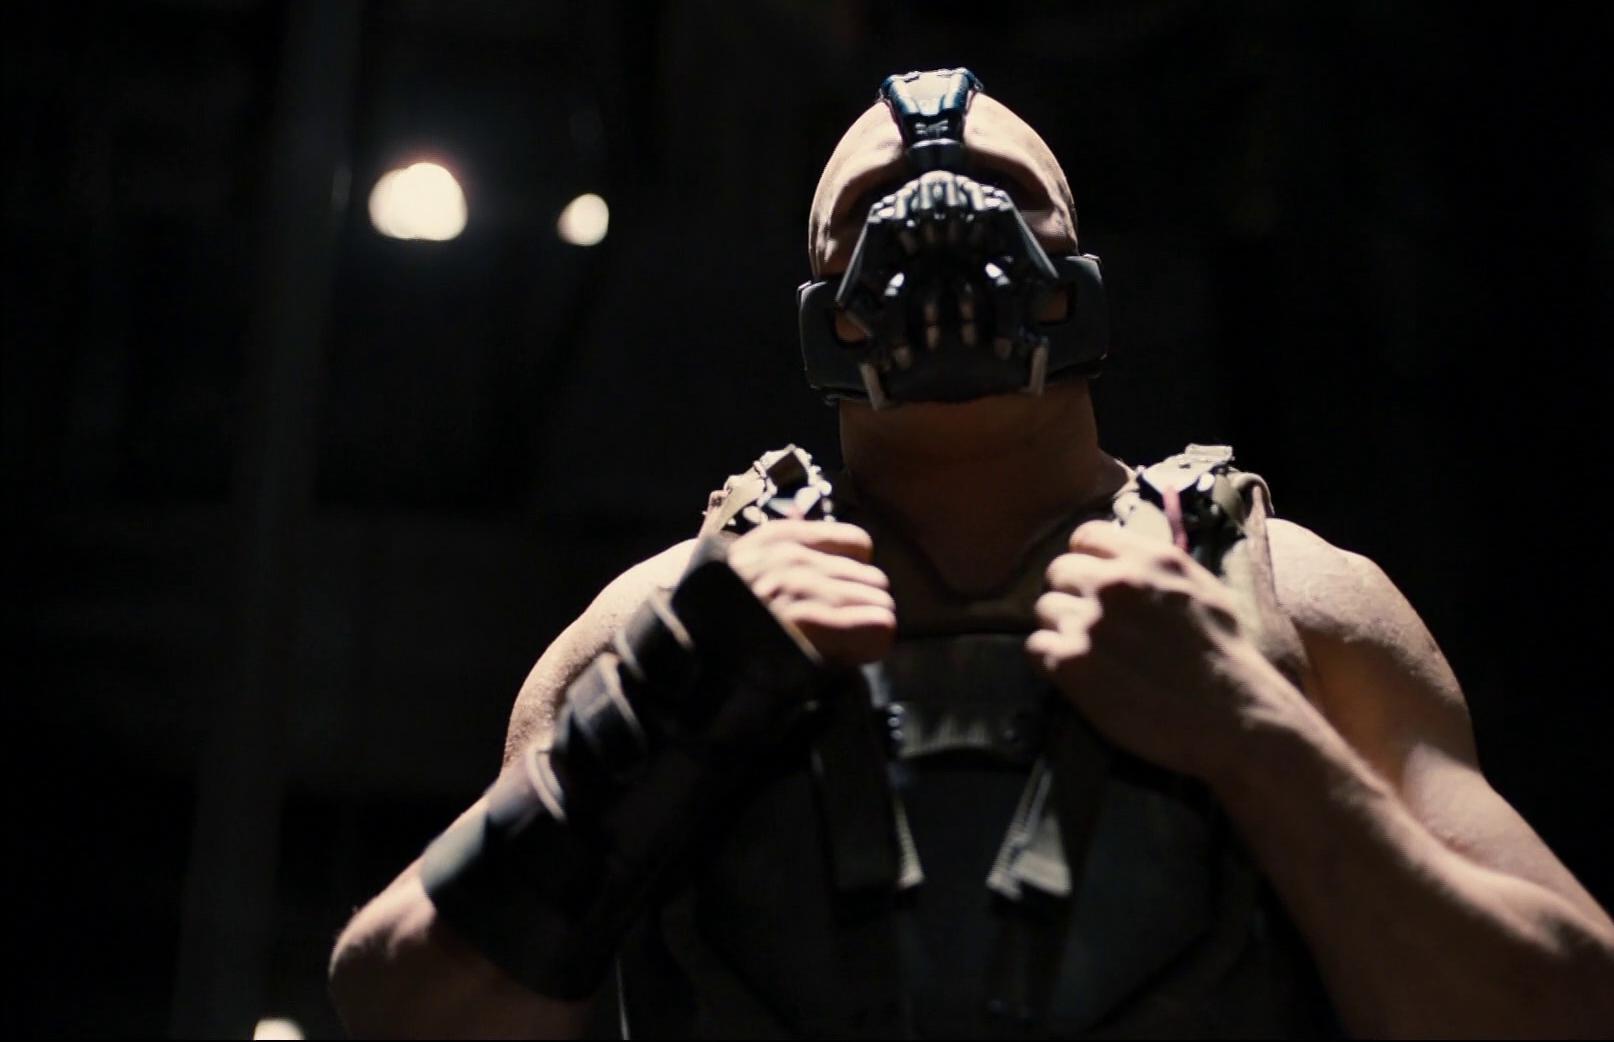 The Dark Knight rises (2012) de Christopher Nolan : Batman en pleine course-poursuite (HD)